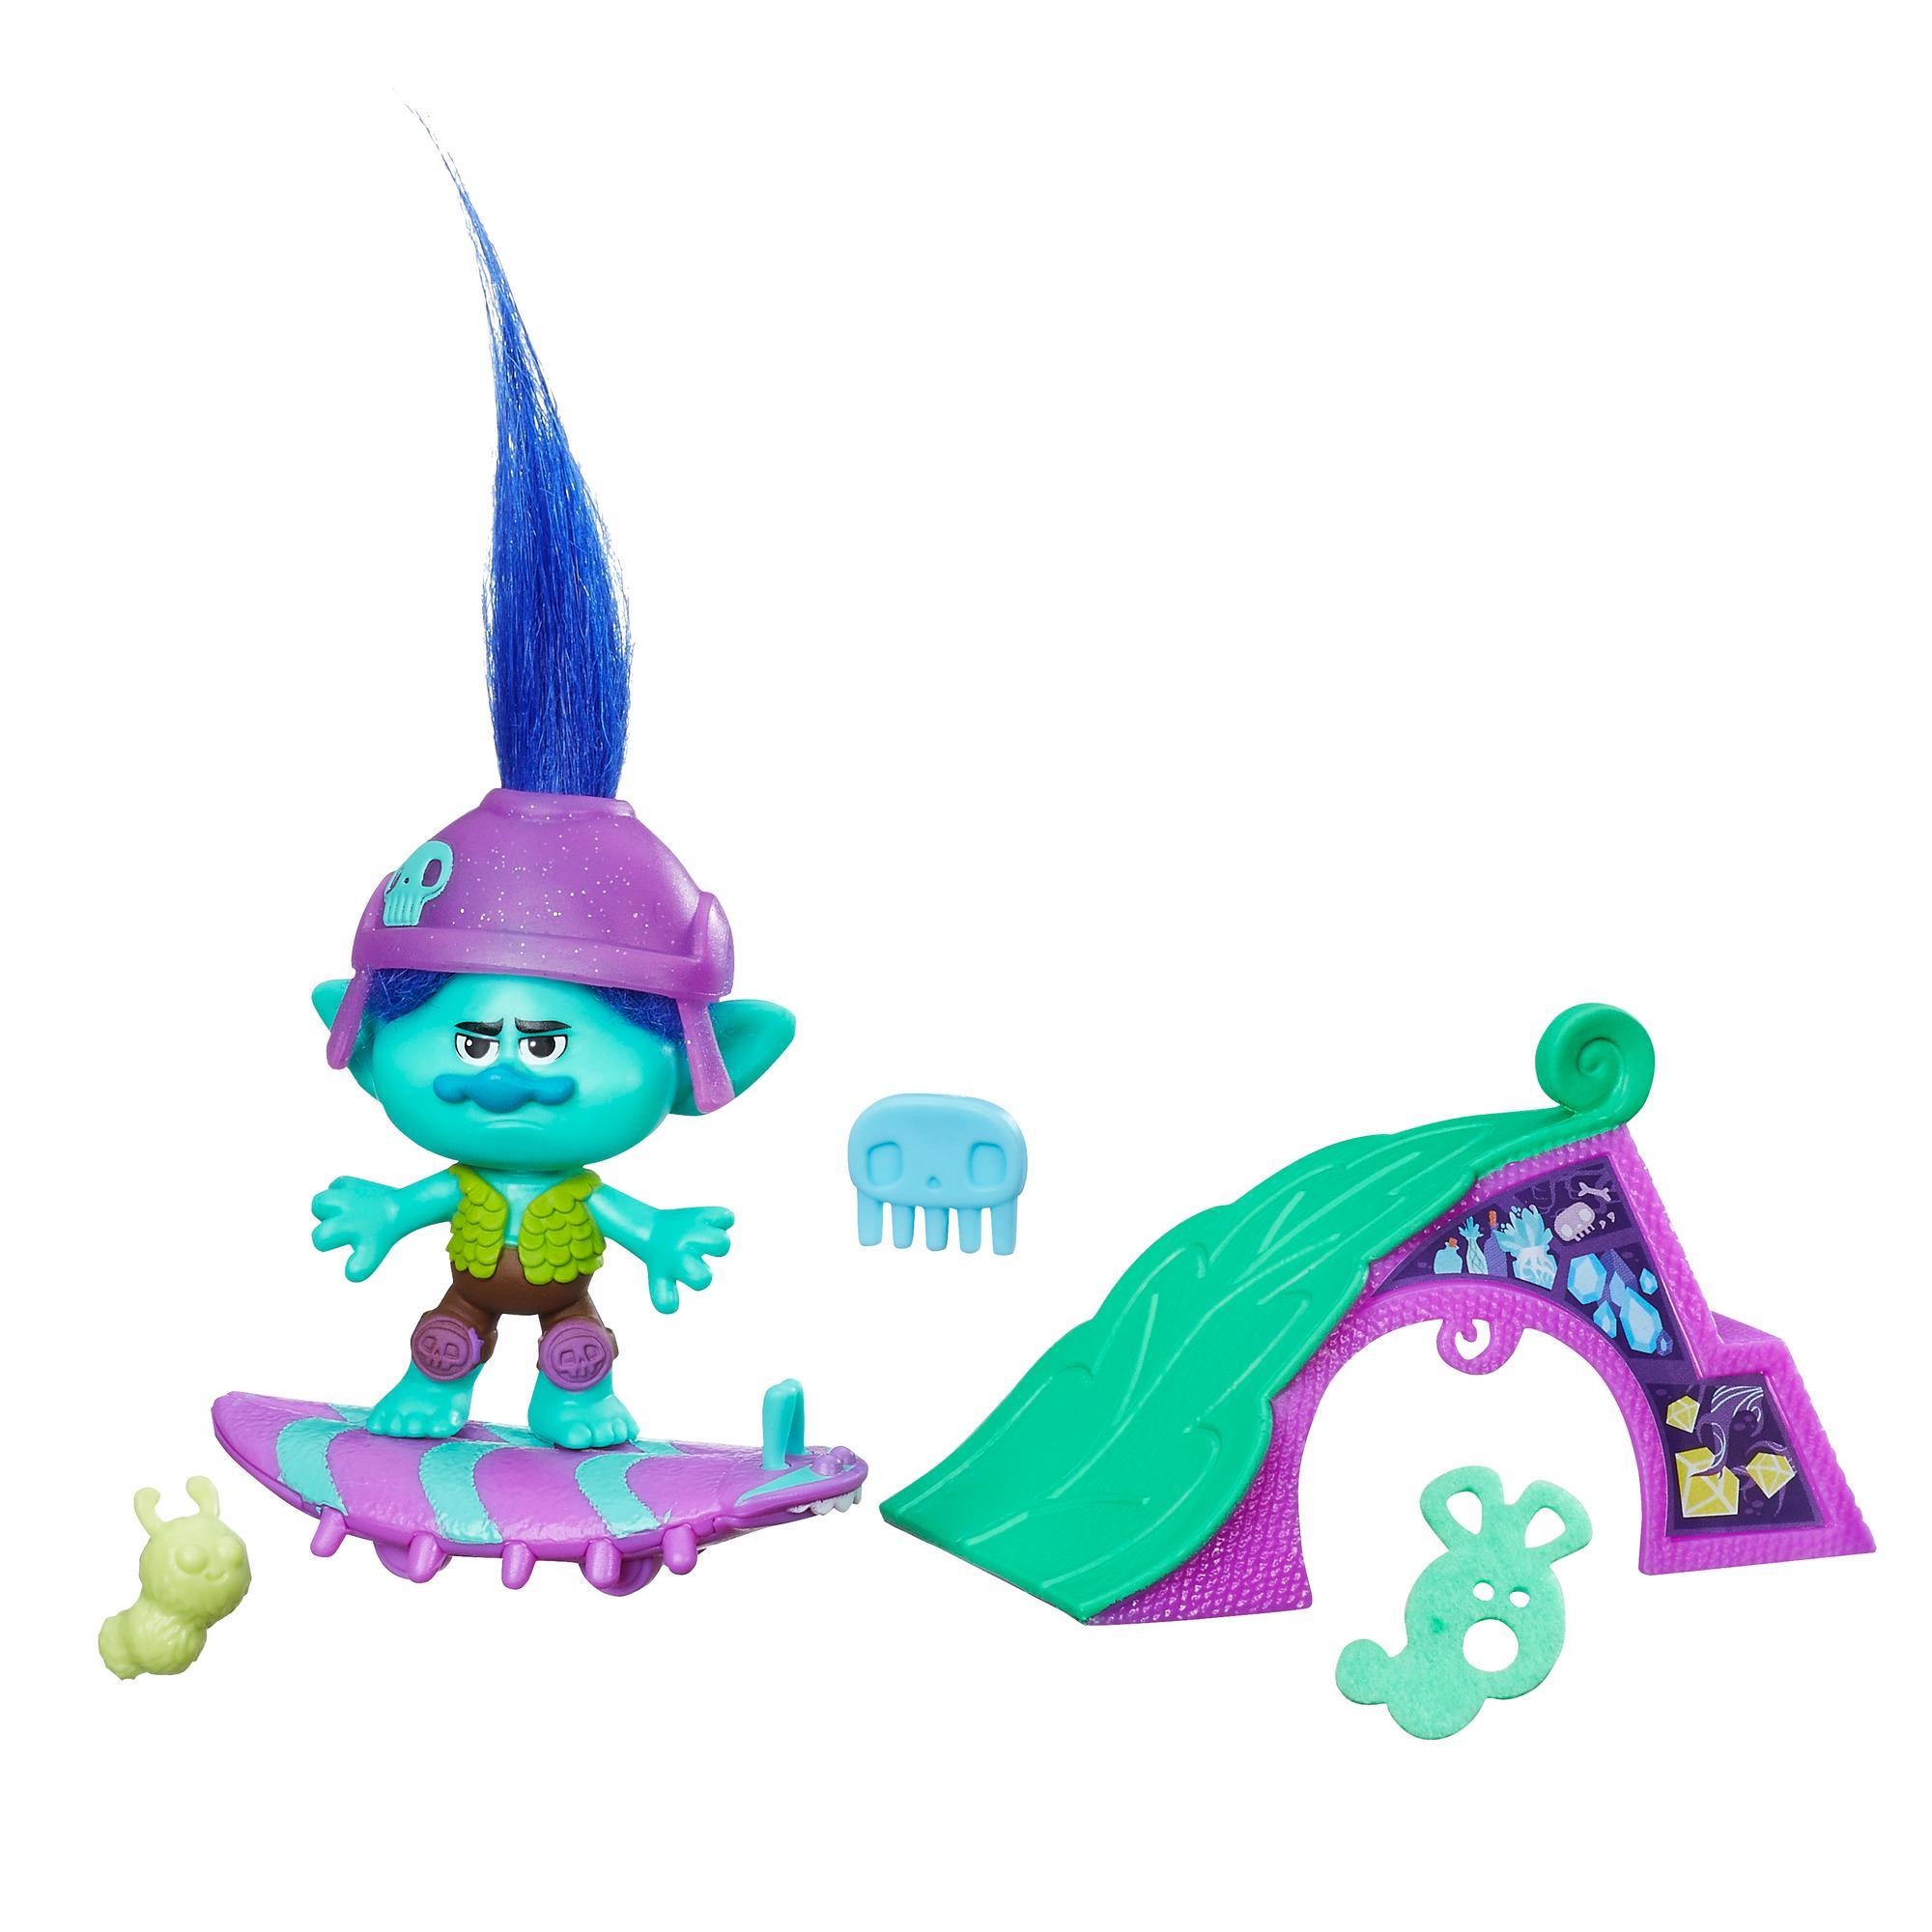 DreamWorks Trolls Branch's Skate 'n Skitter Story Pack